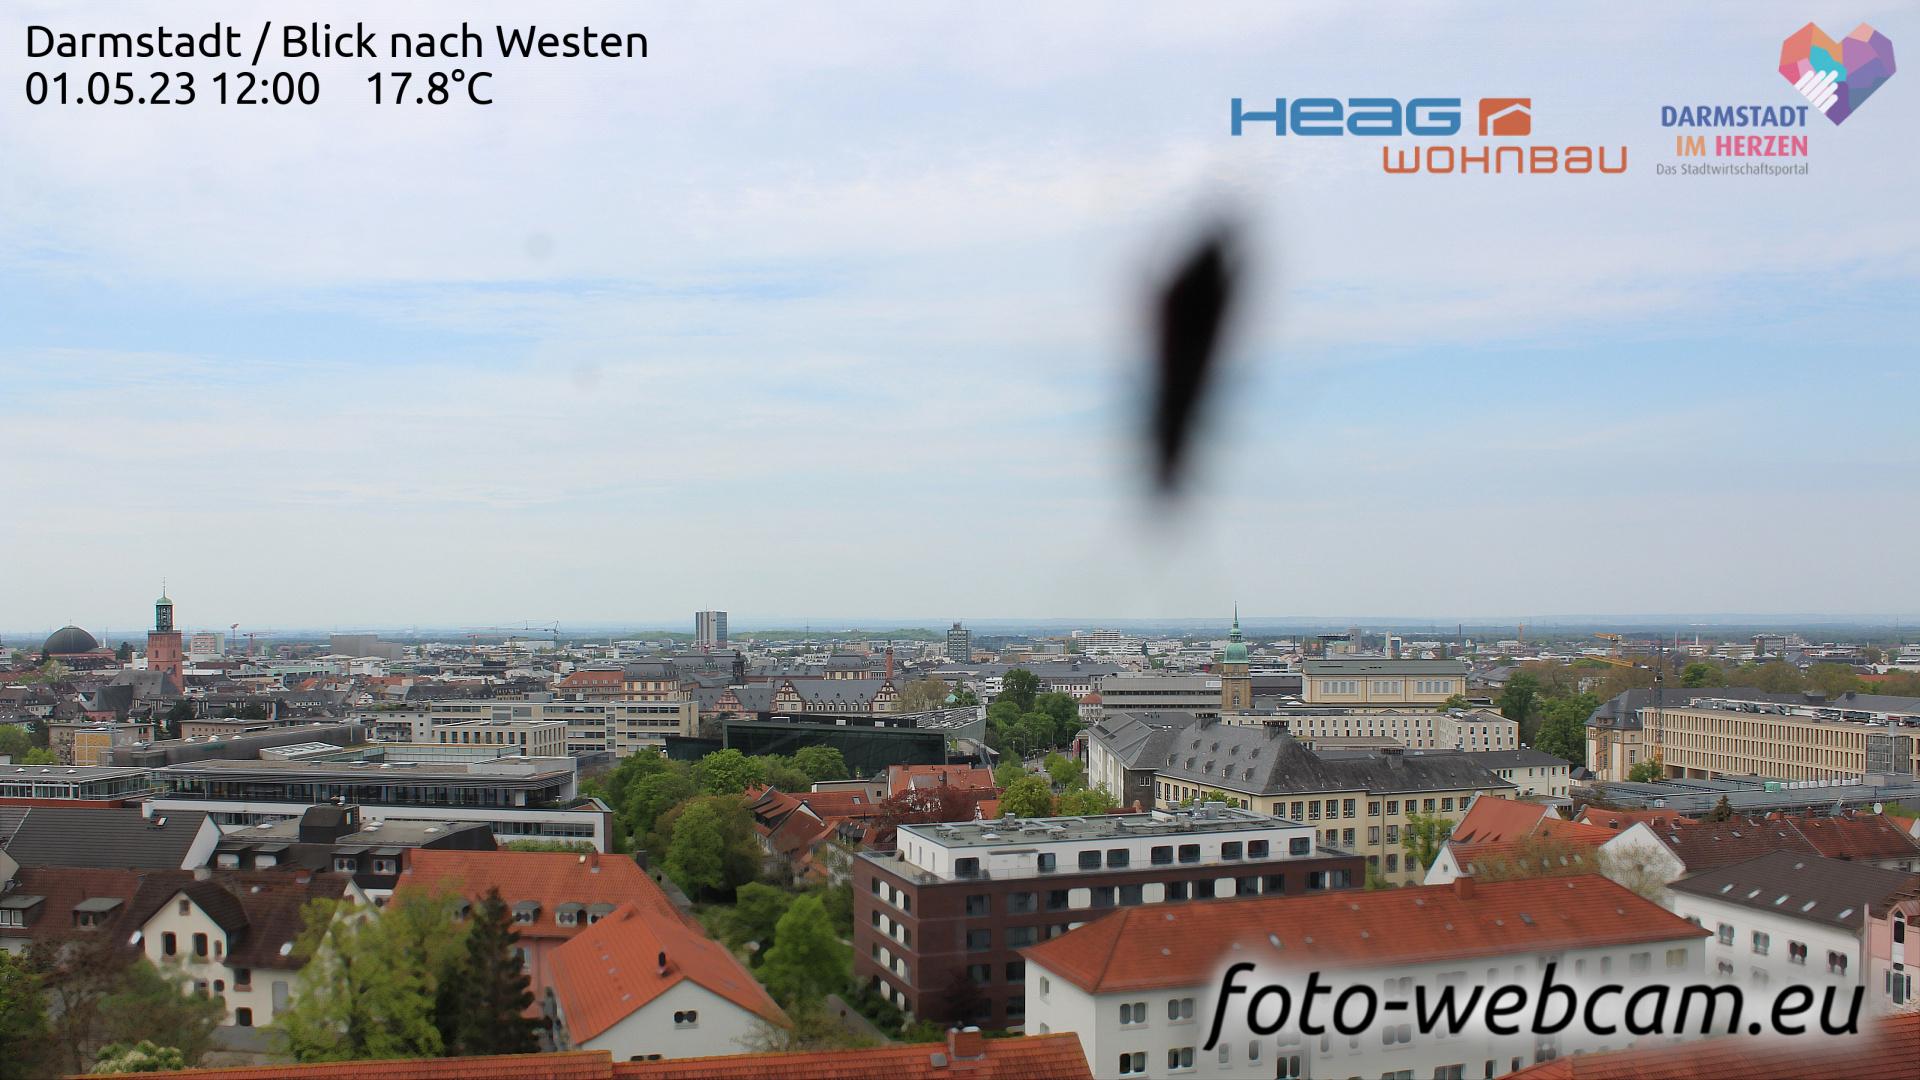 Webcam Darmstadt Marktplatz